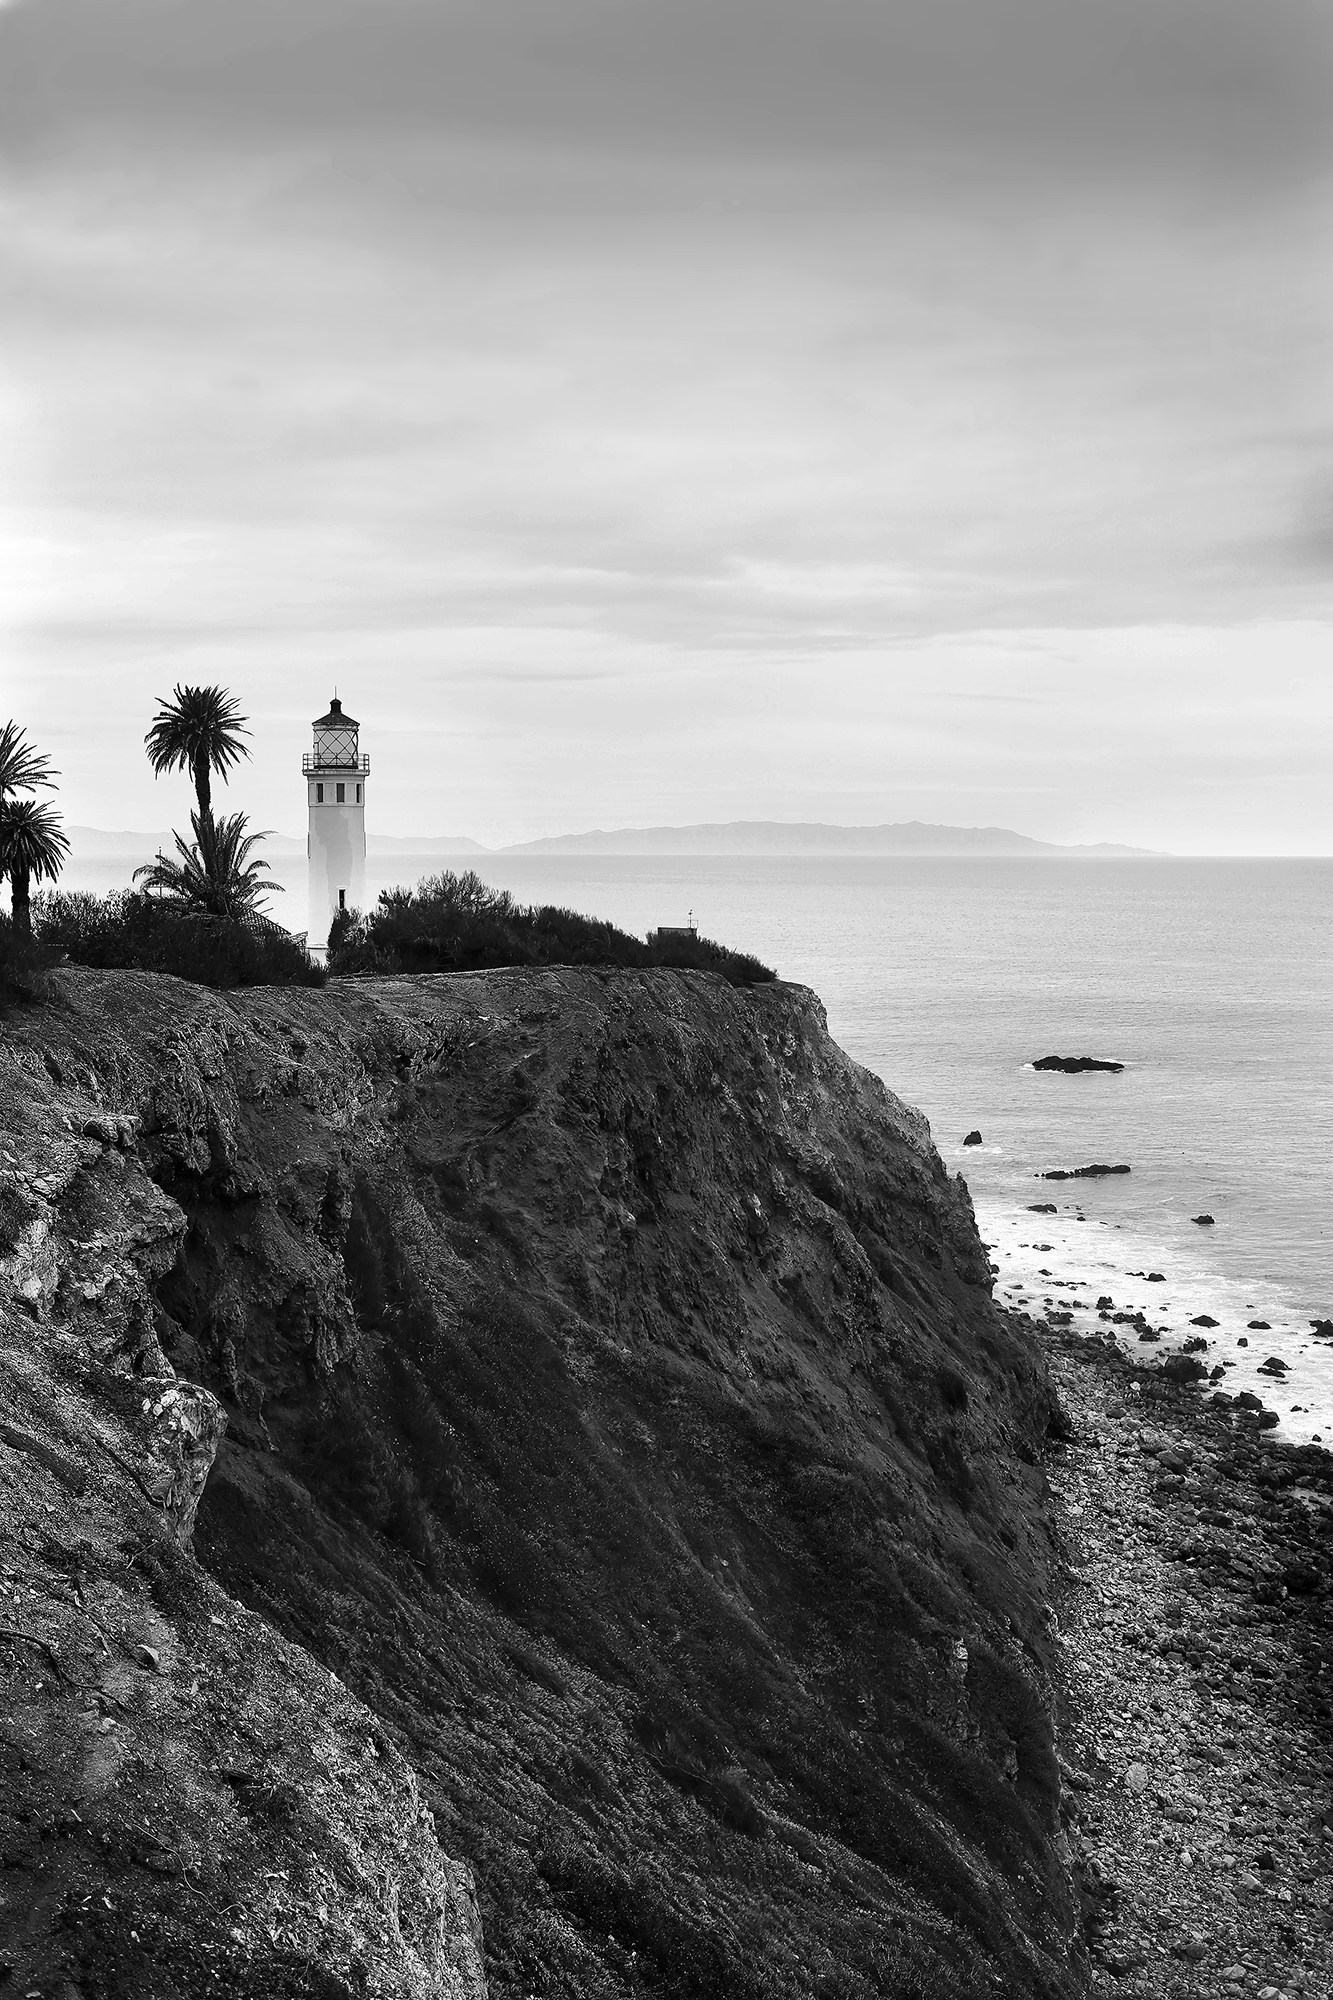 Light of Hope by Rich J. Velasco